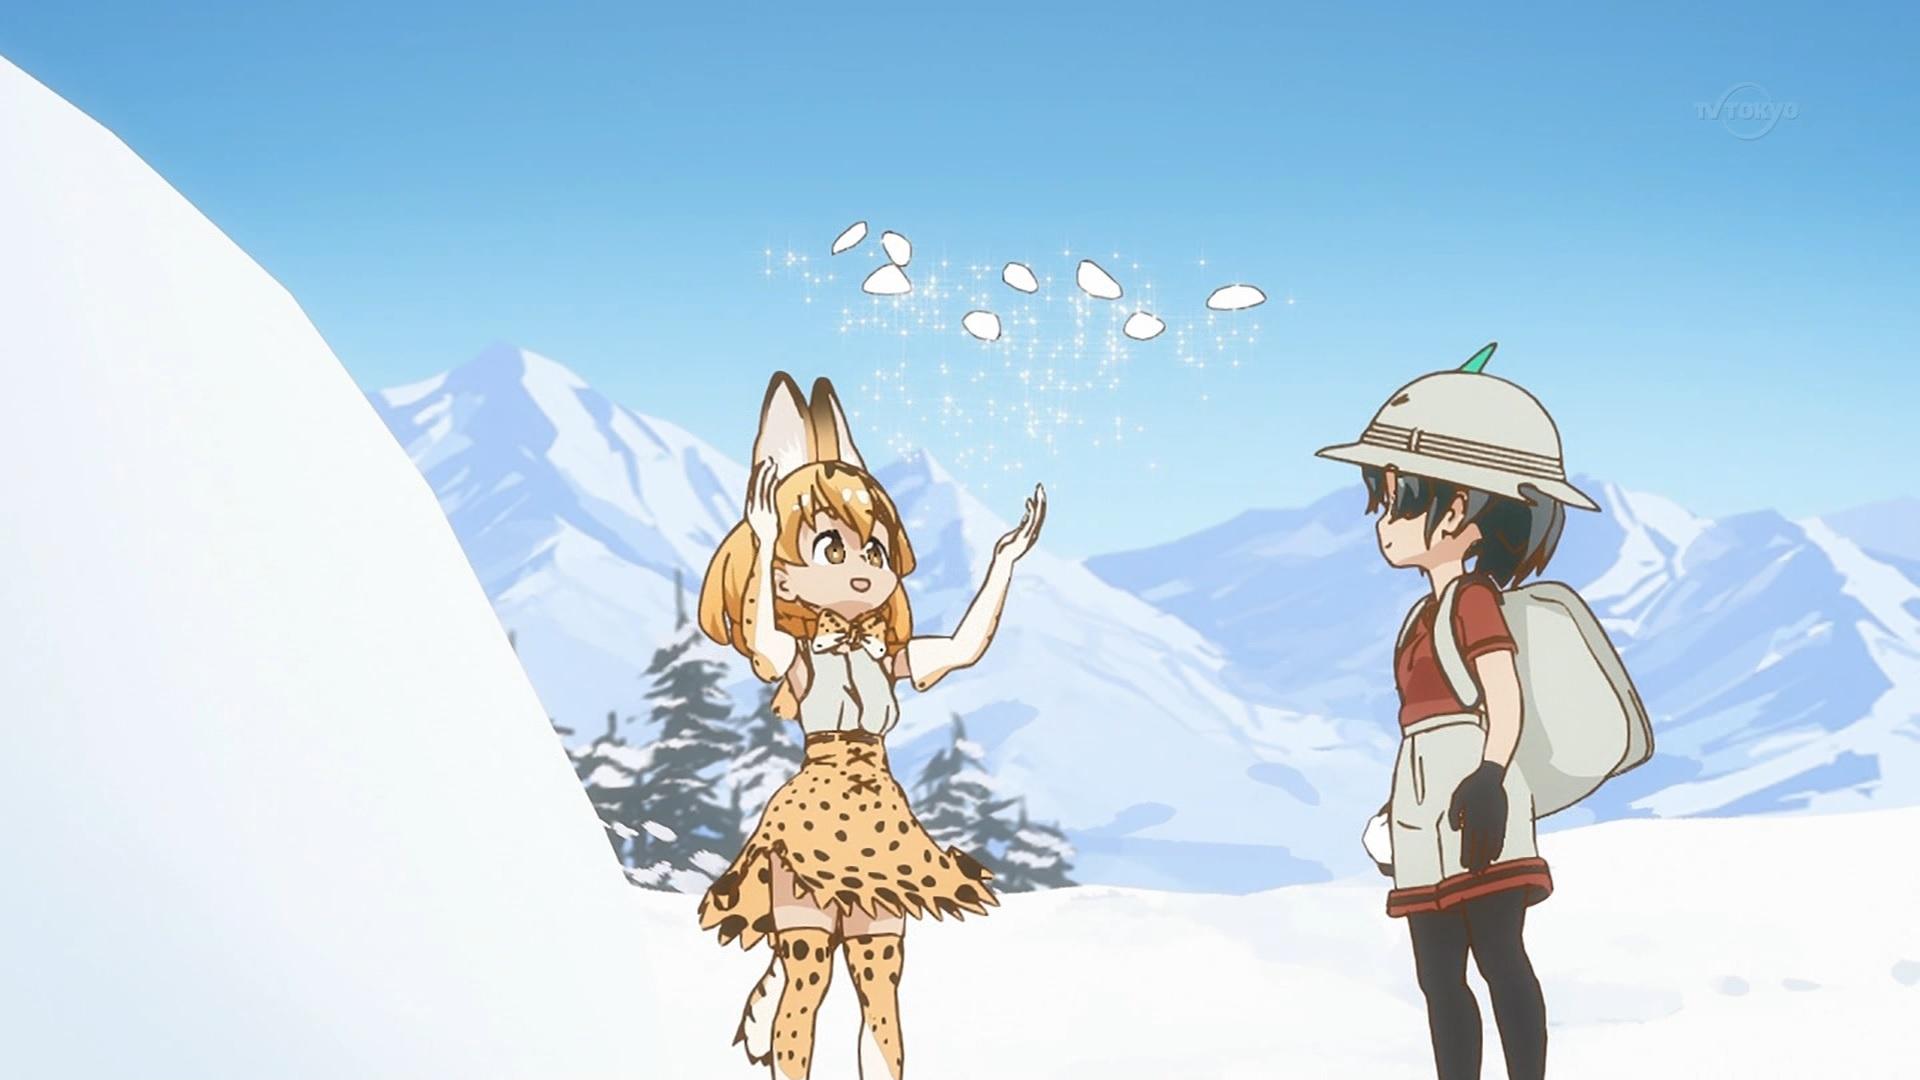 雪遊びをするサーバルとかばん(けものフレンズ9話画像)